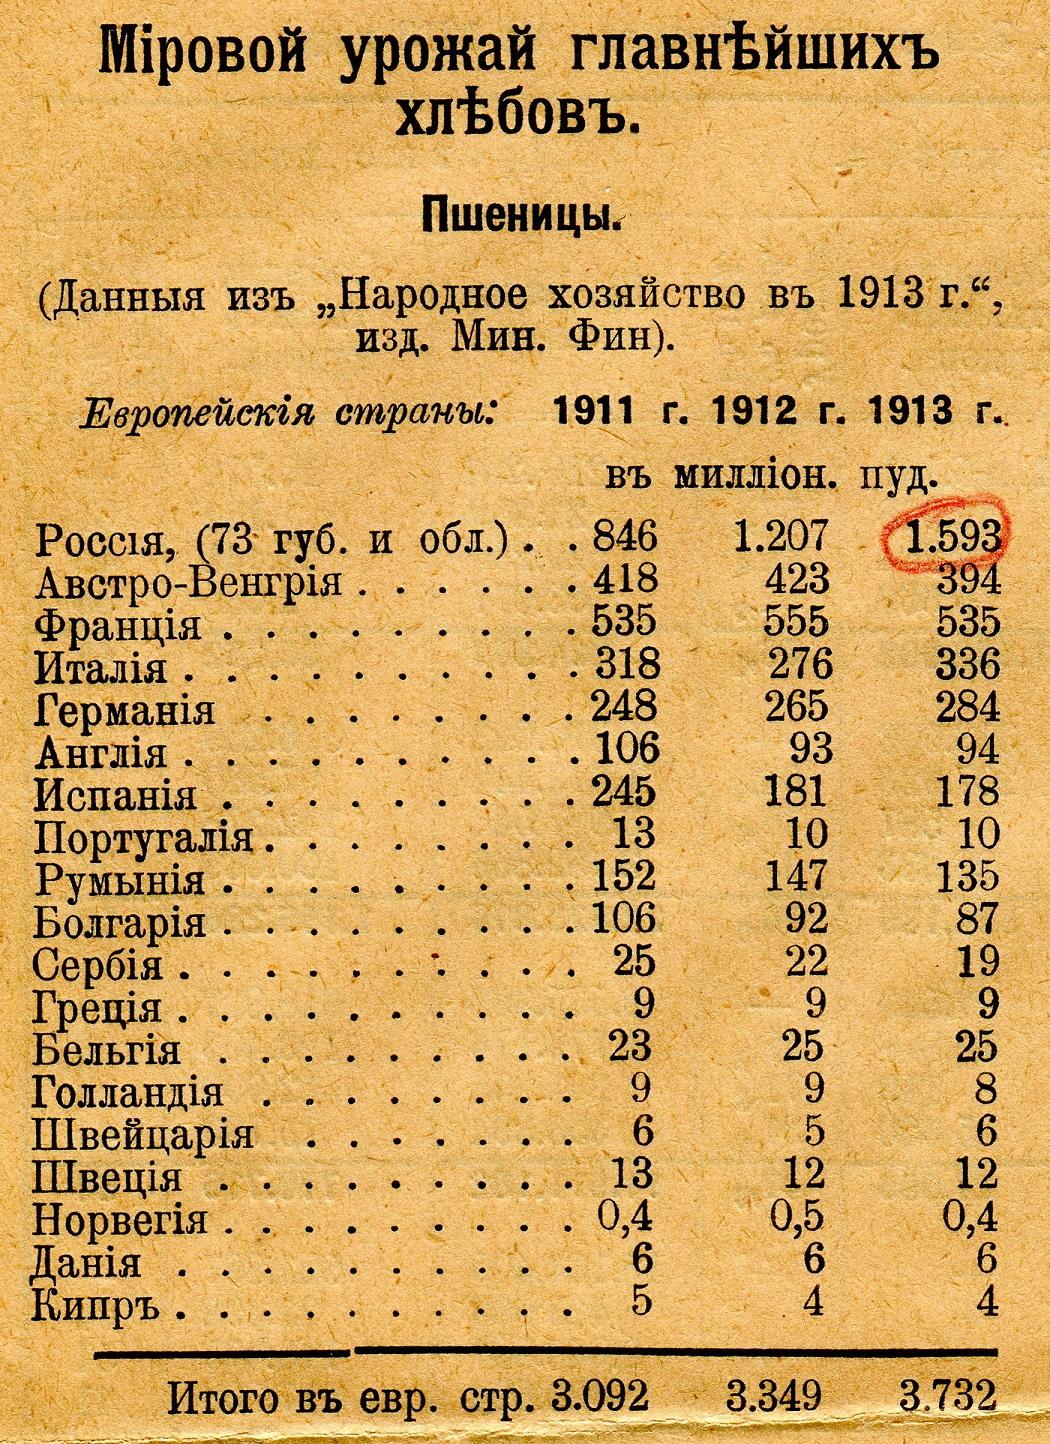 виду статистика российской империи как все